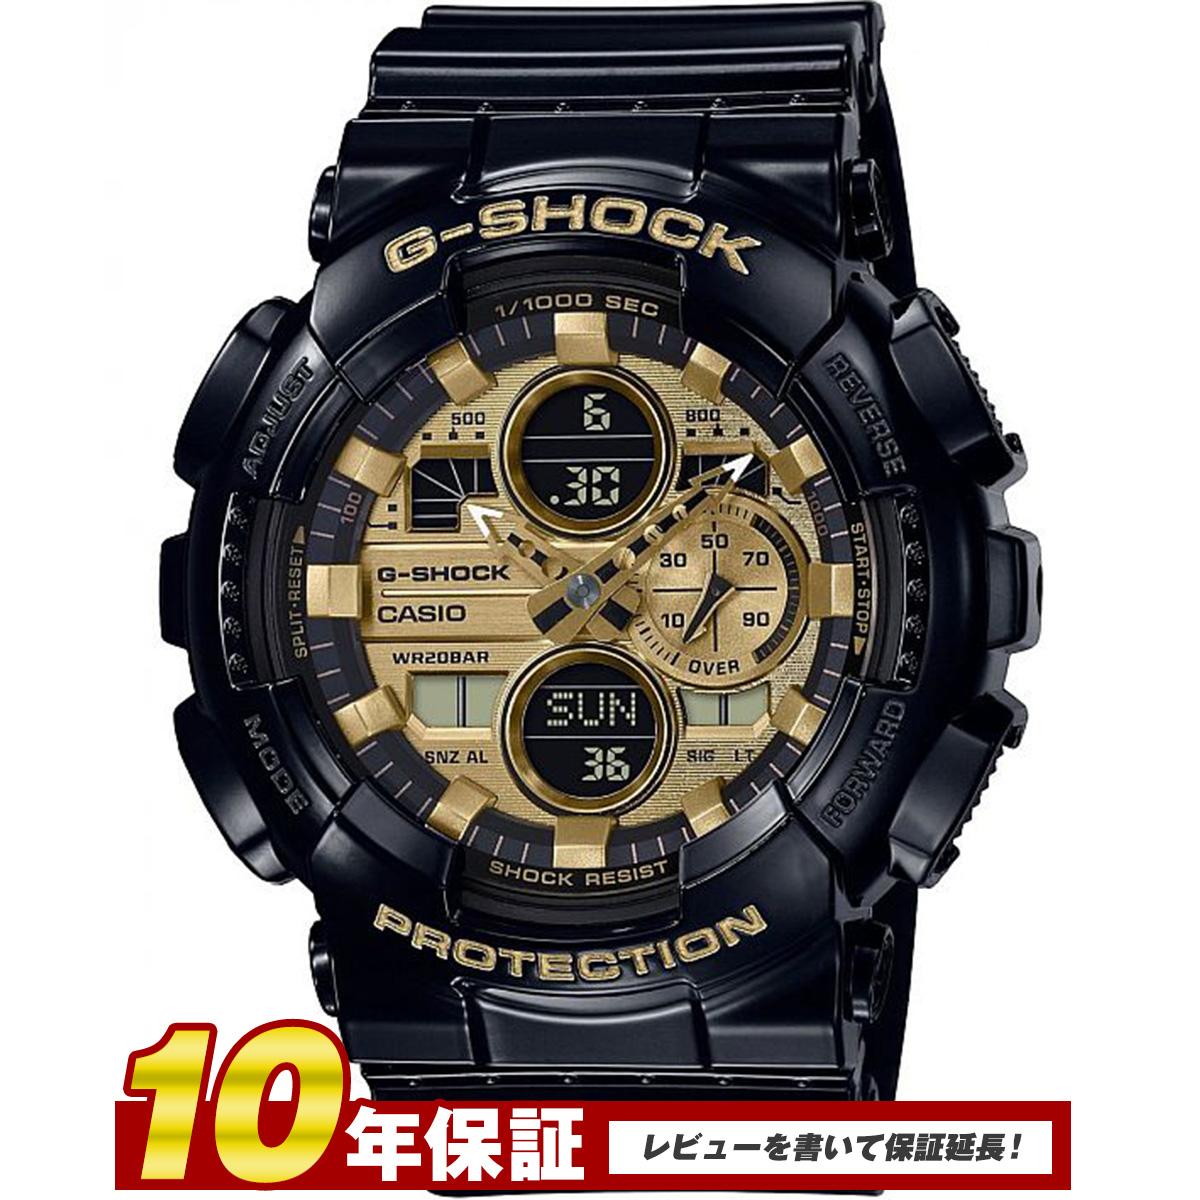 【全品送料無料】G-SHOCK カシオ Gショック CASIO 腕時計 メンズ Garish Color Series GA-140GB-1A1